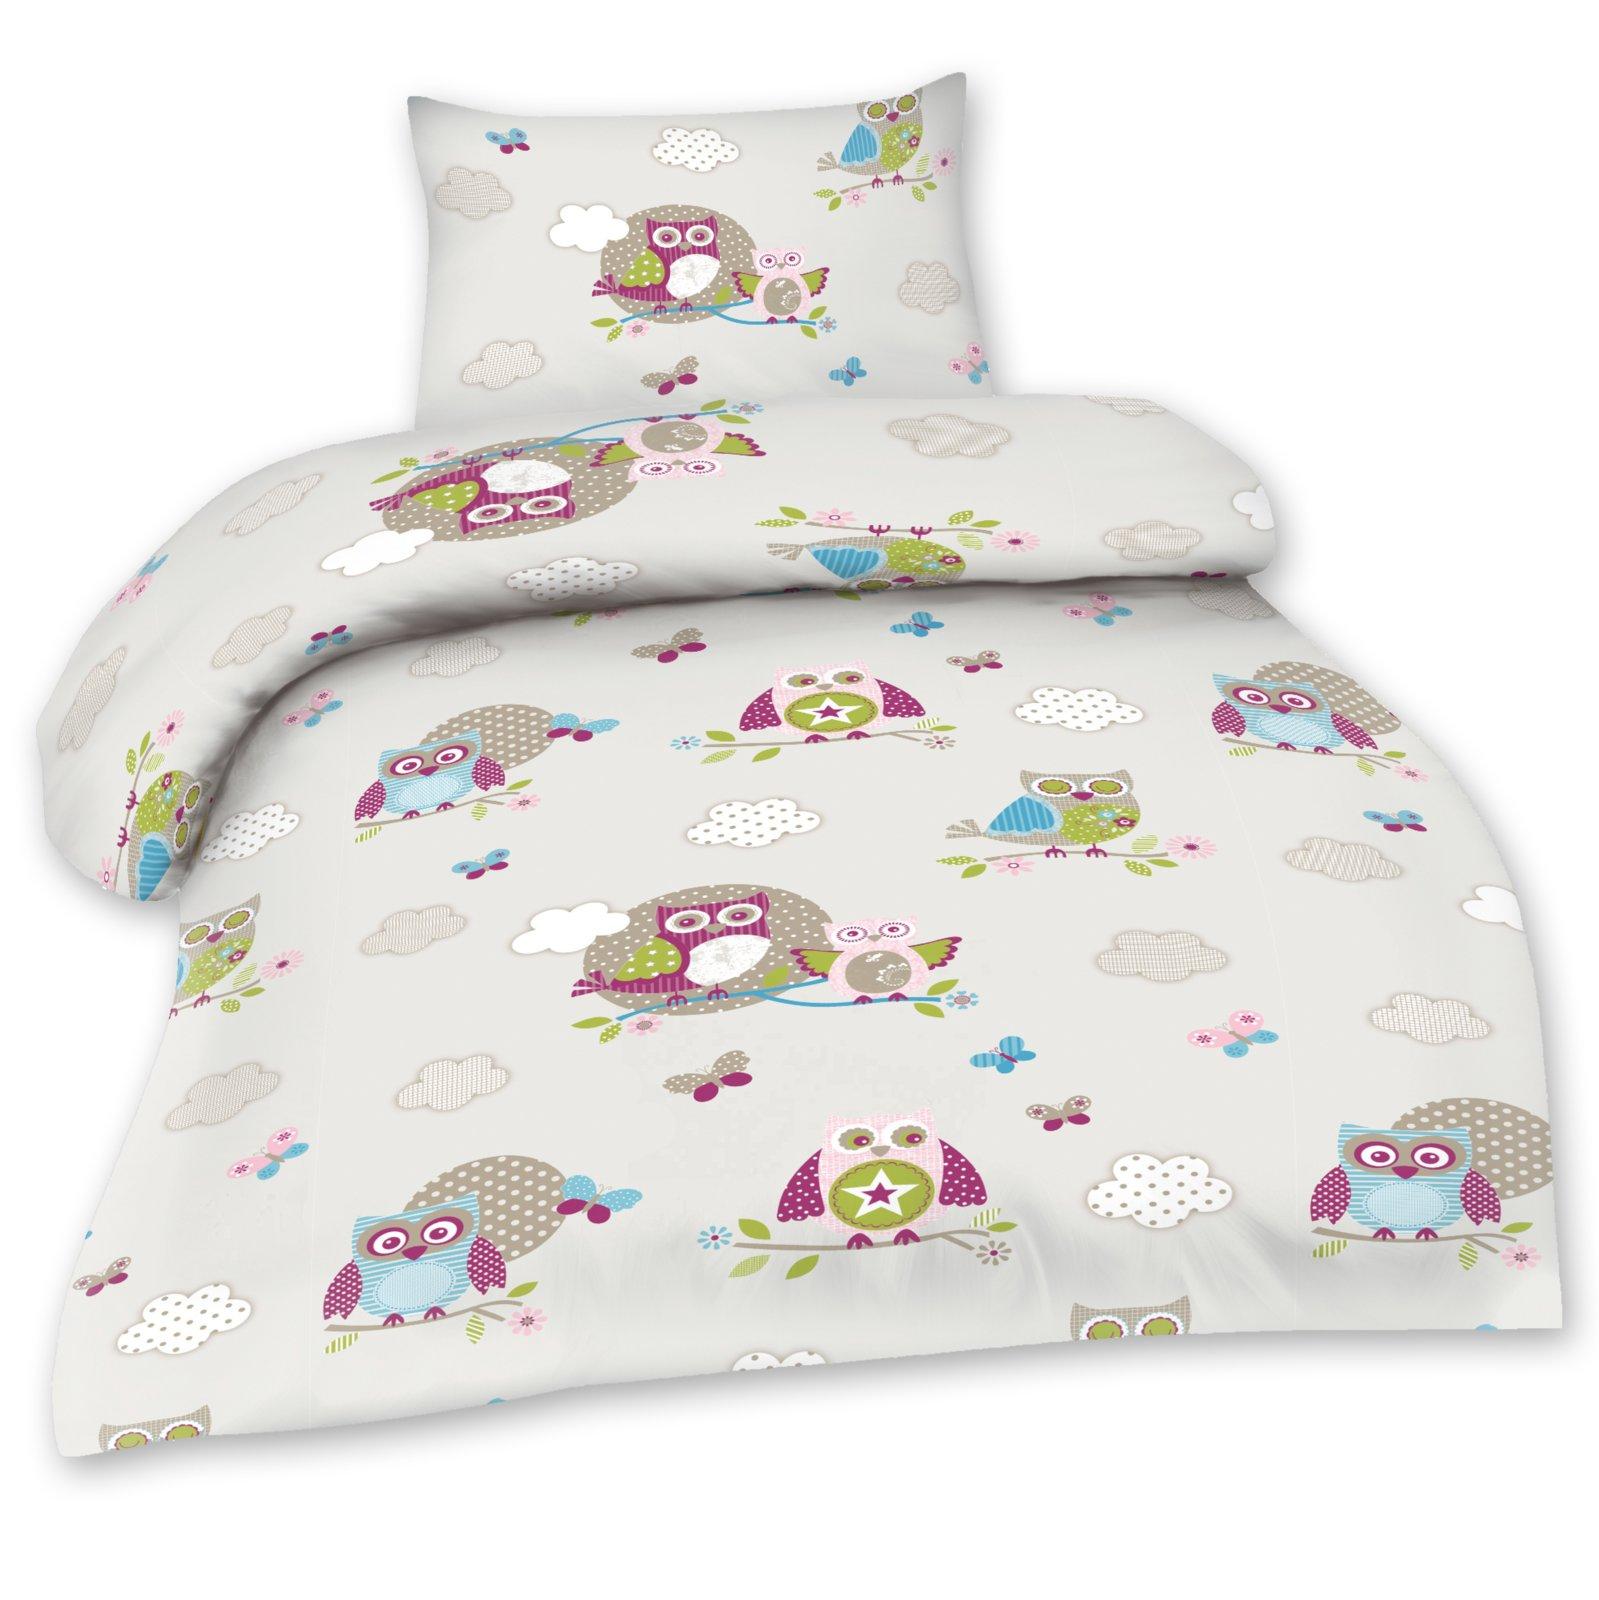 baby bettw sche optidream kids eule creme 72x68 cm kinderbettw sche bettw sche. Black Bedroom Furniture Sets. Home Design Ideas